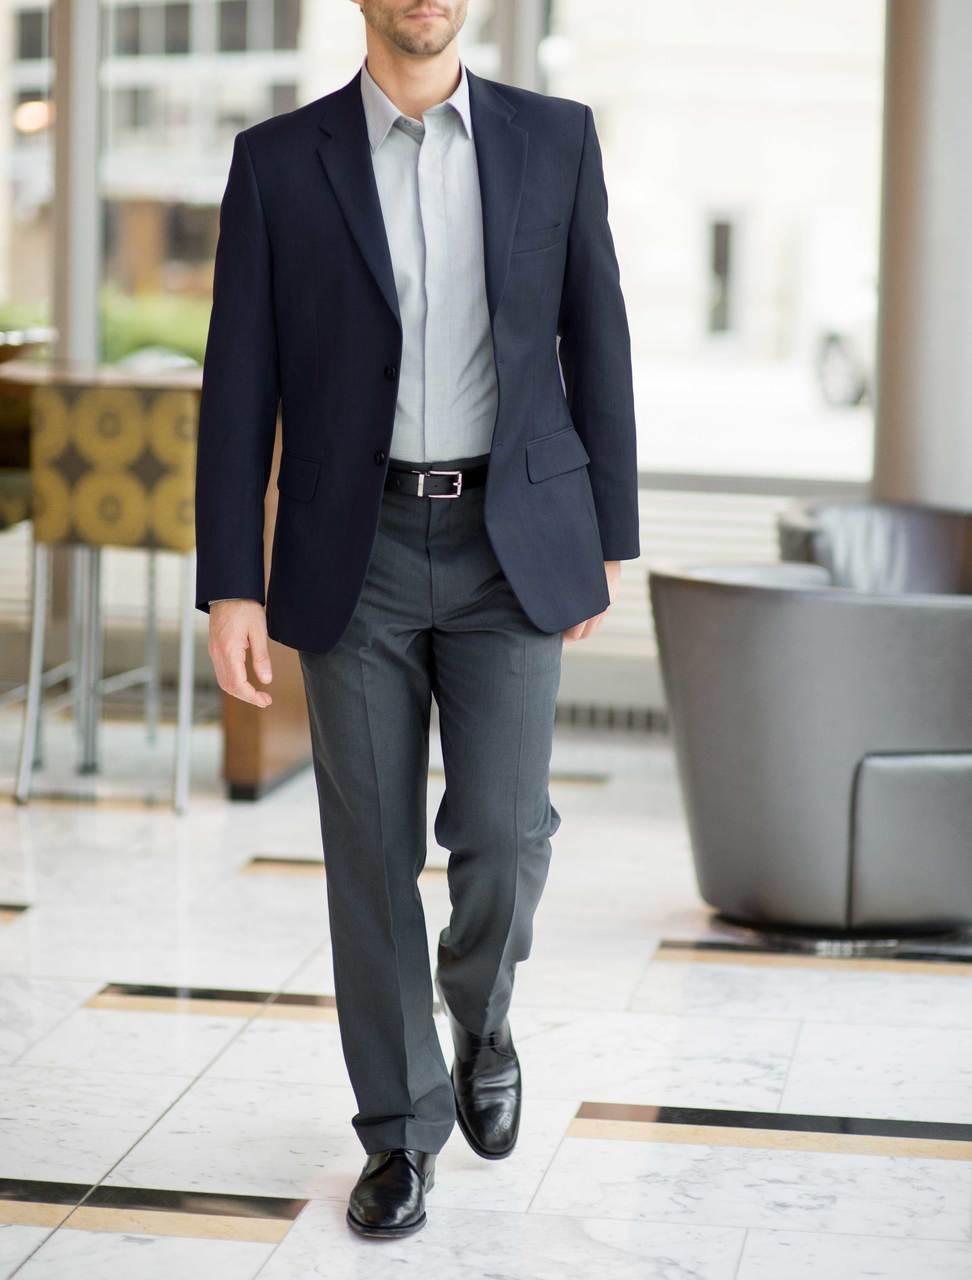 FTTA Men's Suit Coat